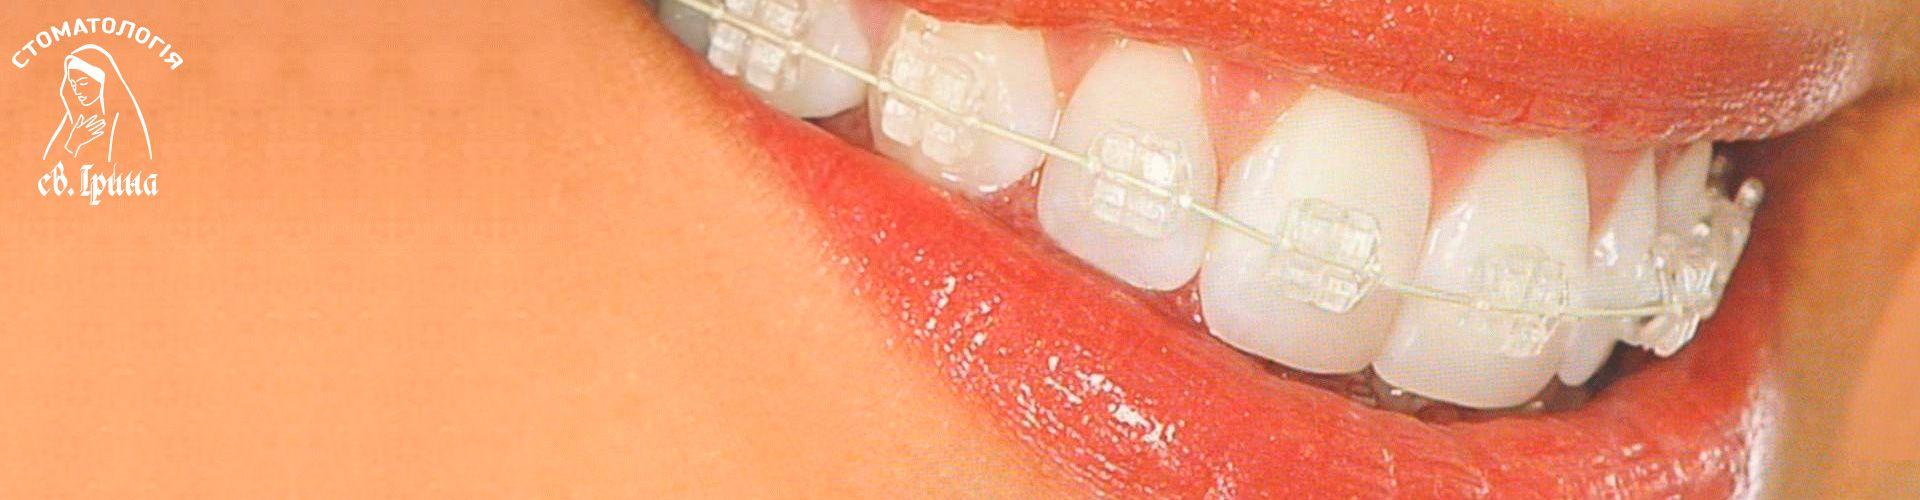 Ортодонтичне лікування